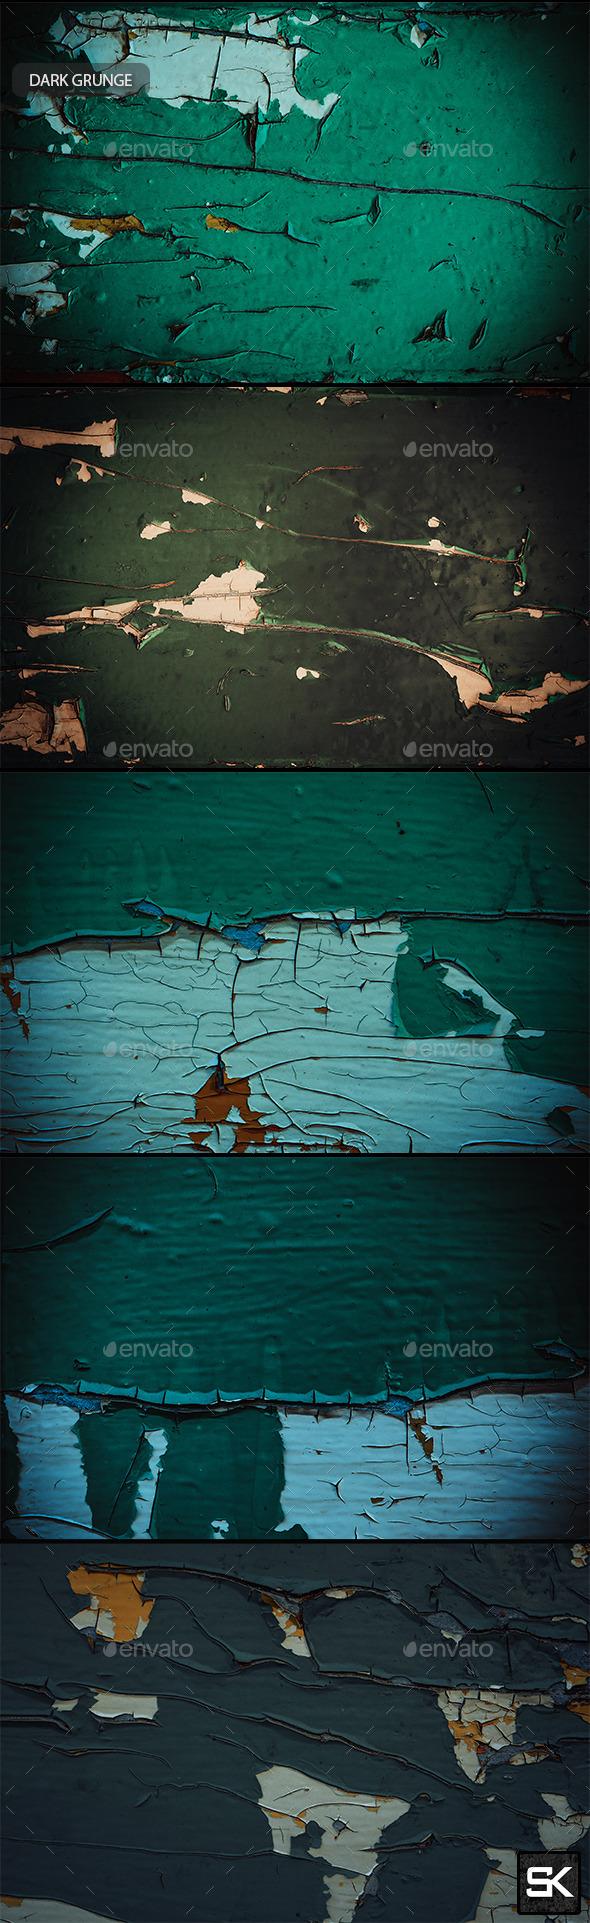 Dark Grunge - Industrial / Grunge Textures